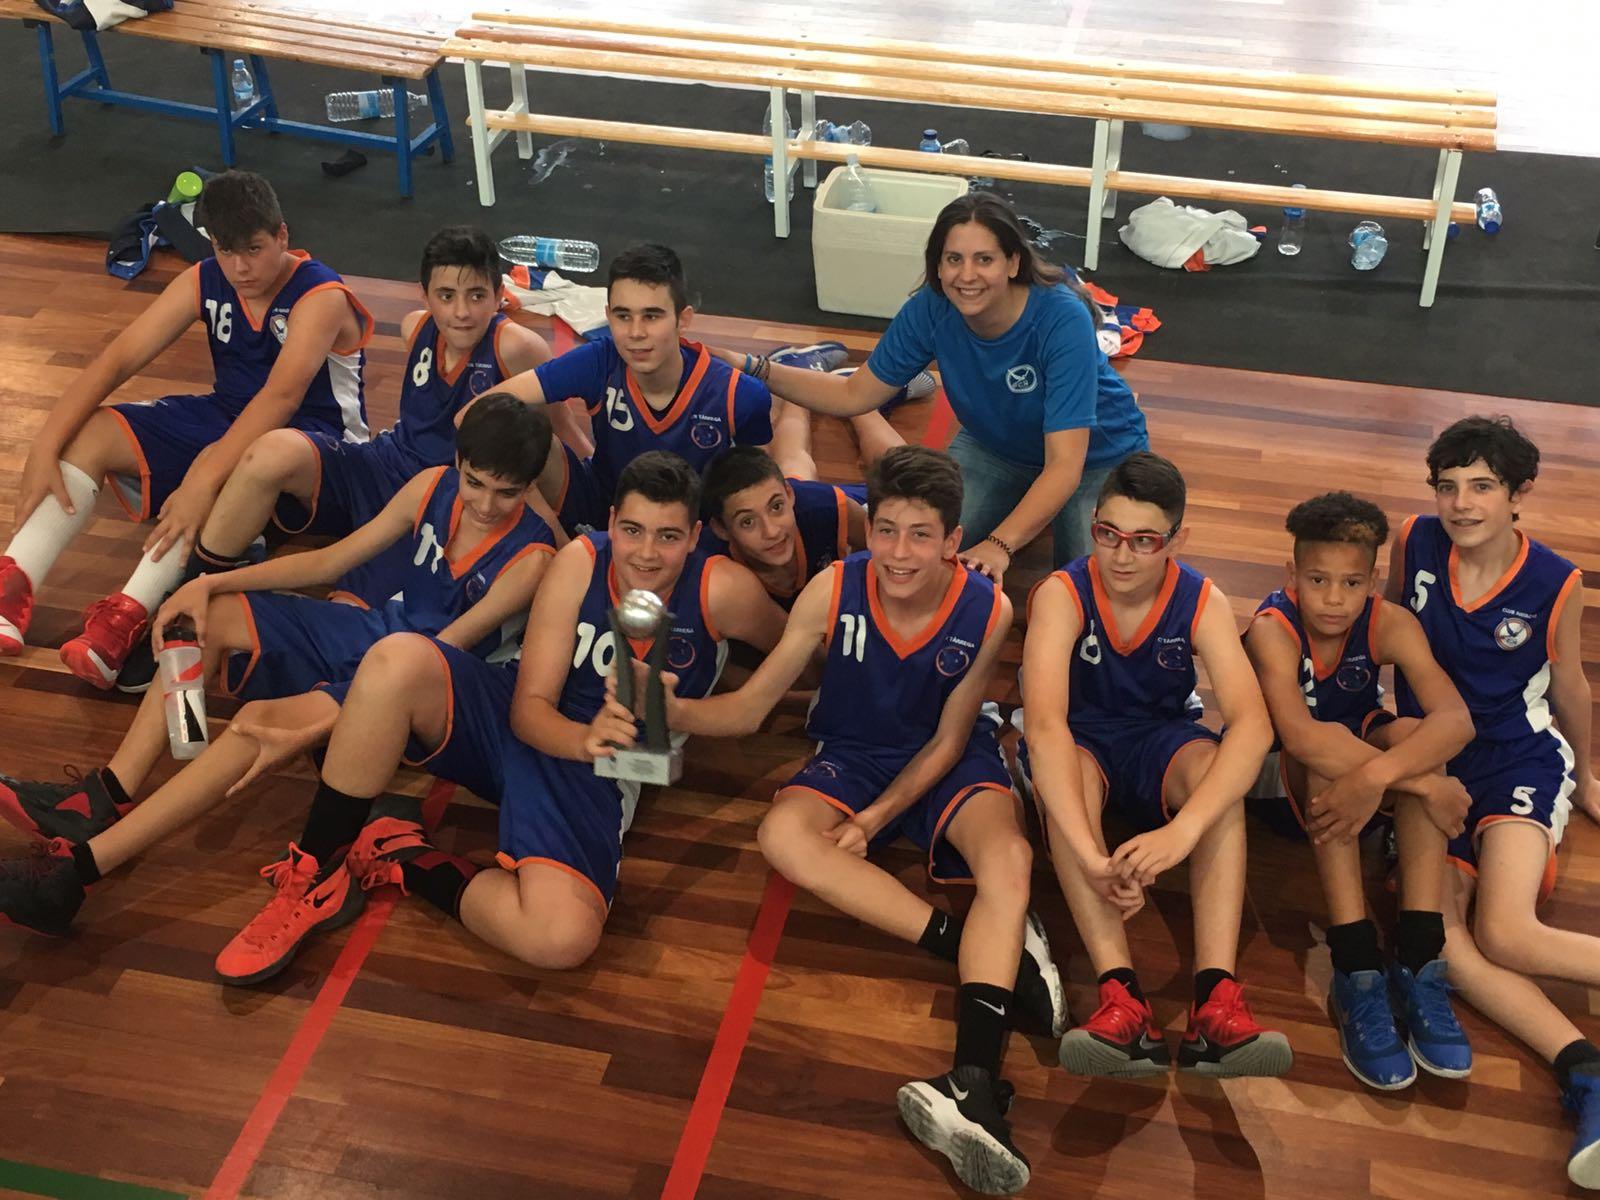 Presentació dels equips del Club Bàsquet Bellpuig de la temporada 2017-2018